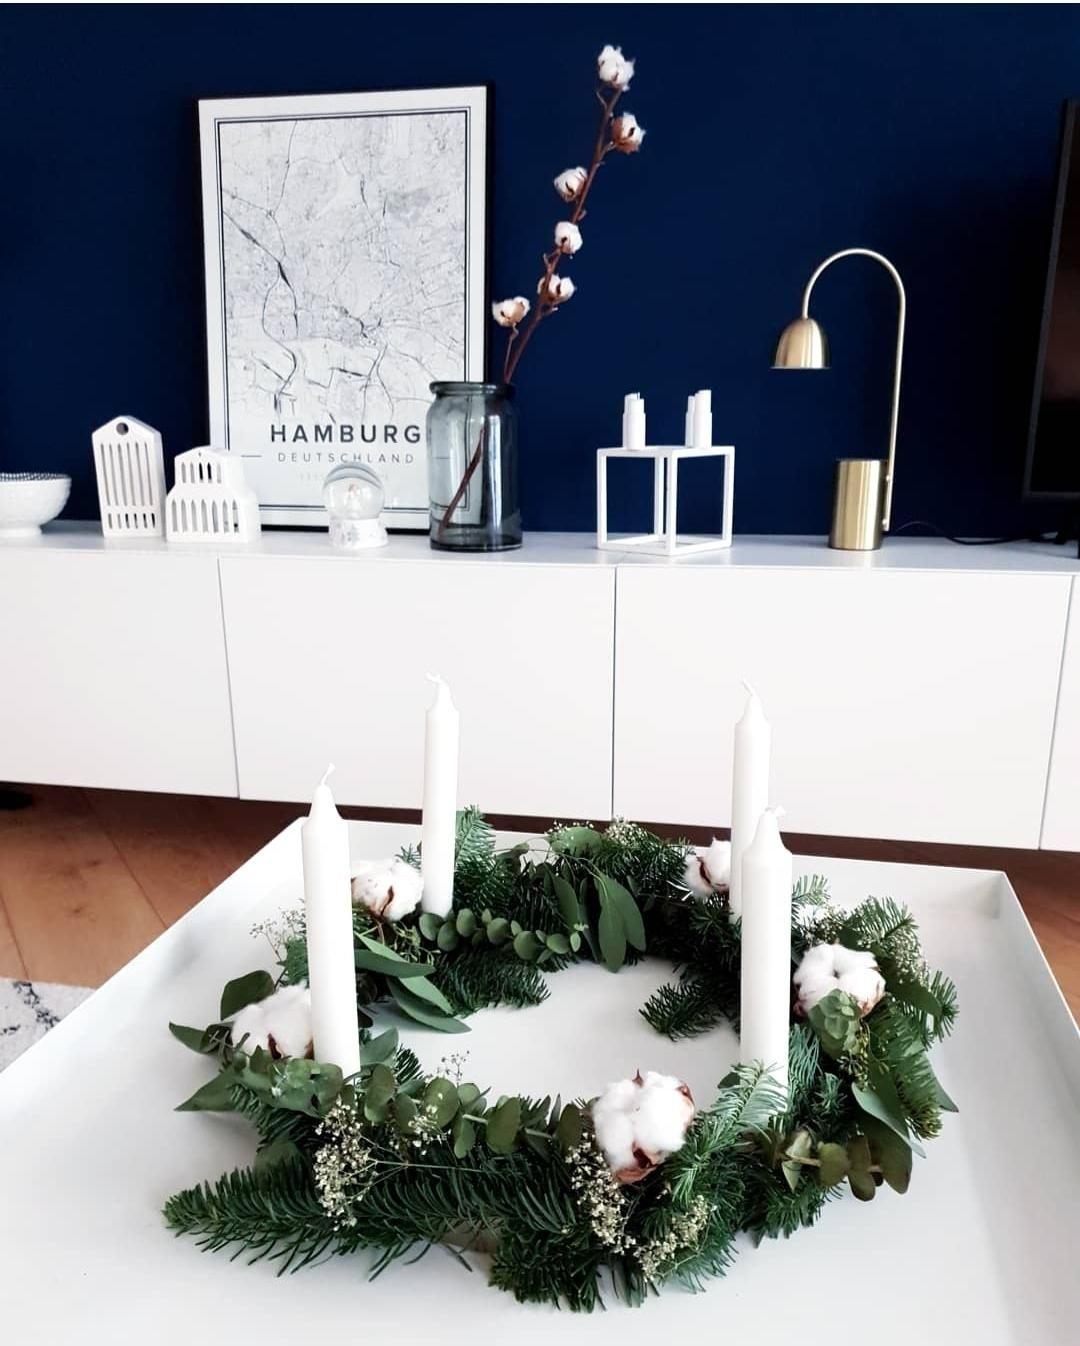 weitere diy adventskranz inspiration findet ihr bei. Black Bedroom Furniture Sets. Home Design Ideas